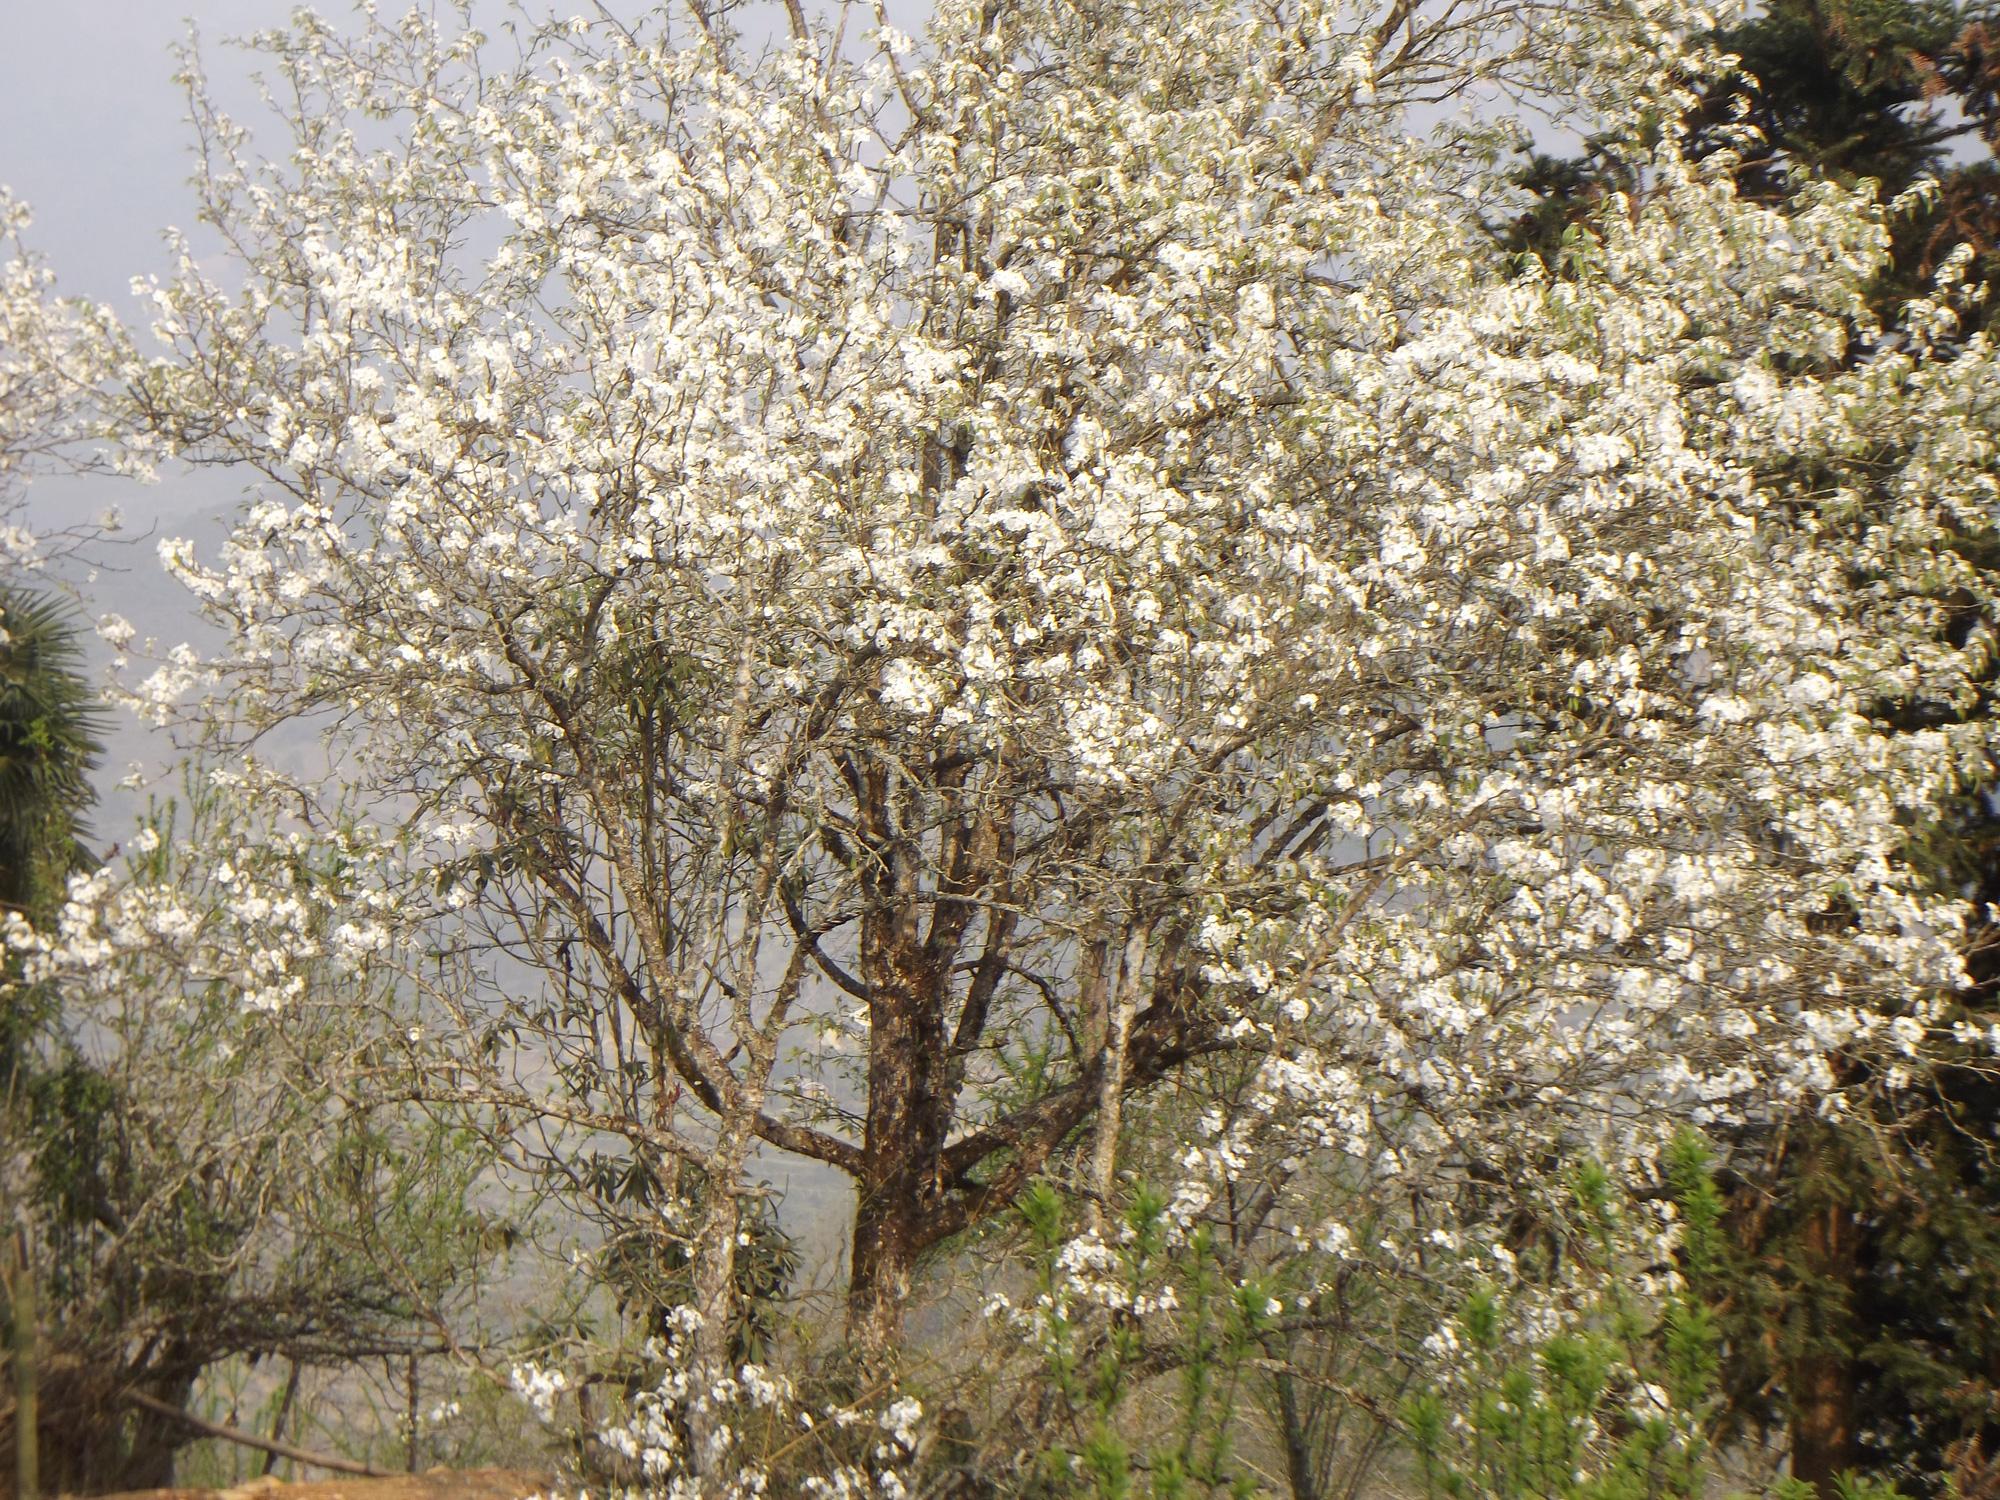 Lào Cai: Du khách đổ xô đến ngắm 3 cây lê cổ thụ, mọc trắng xóa sau nhà trình tường ở Bắc Hà - Ảnh 3.